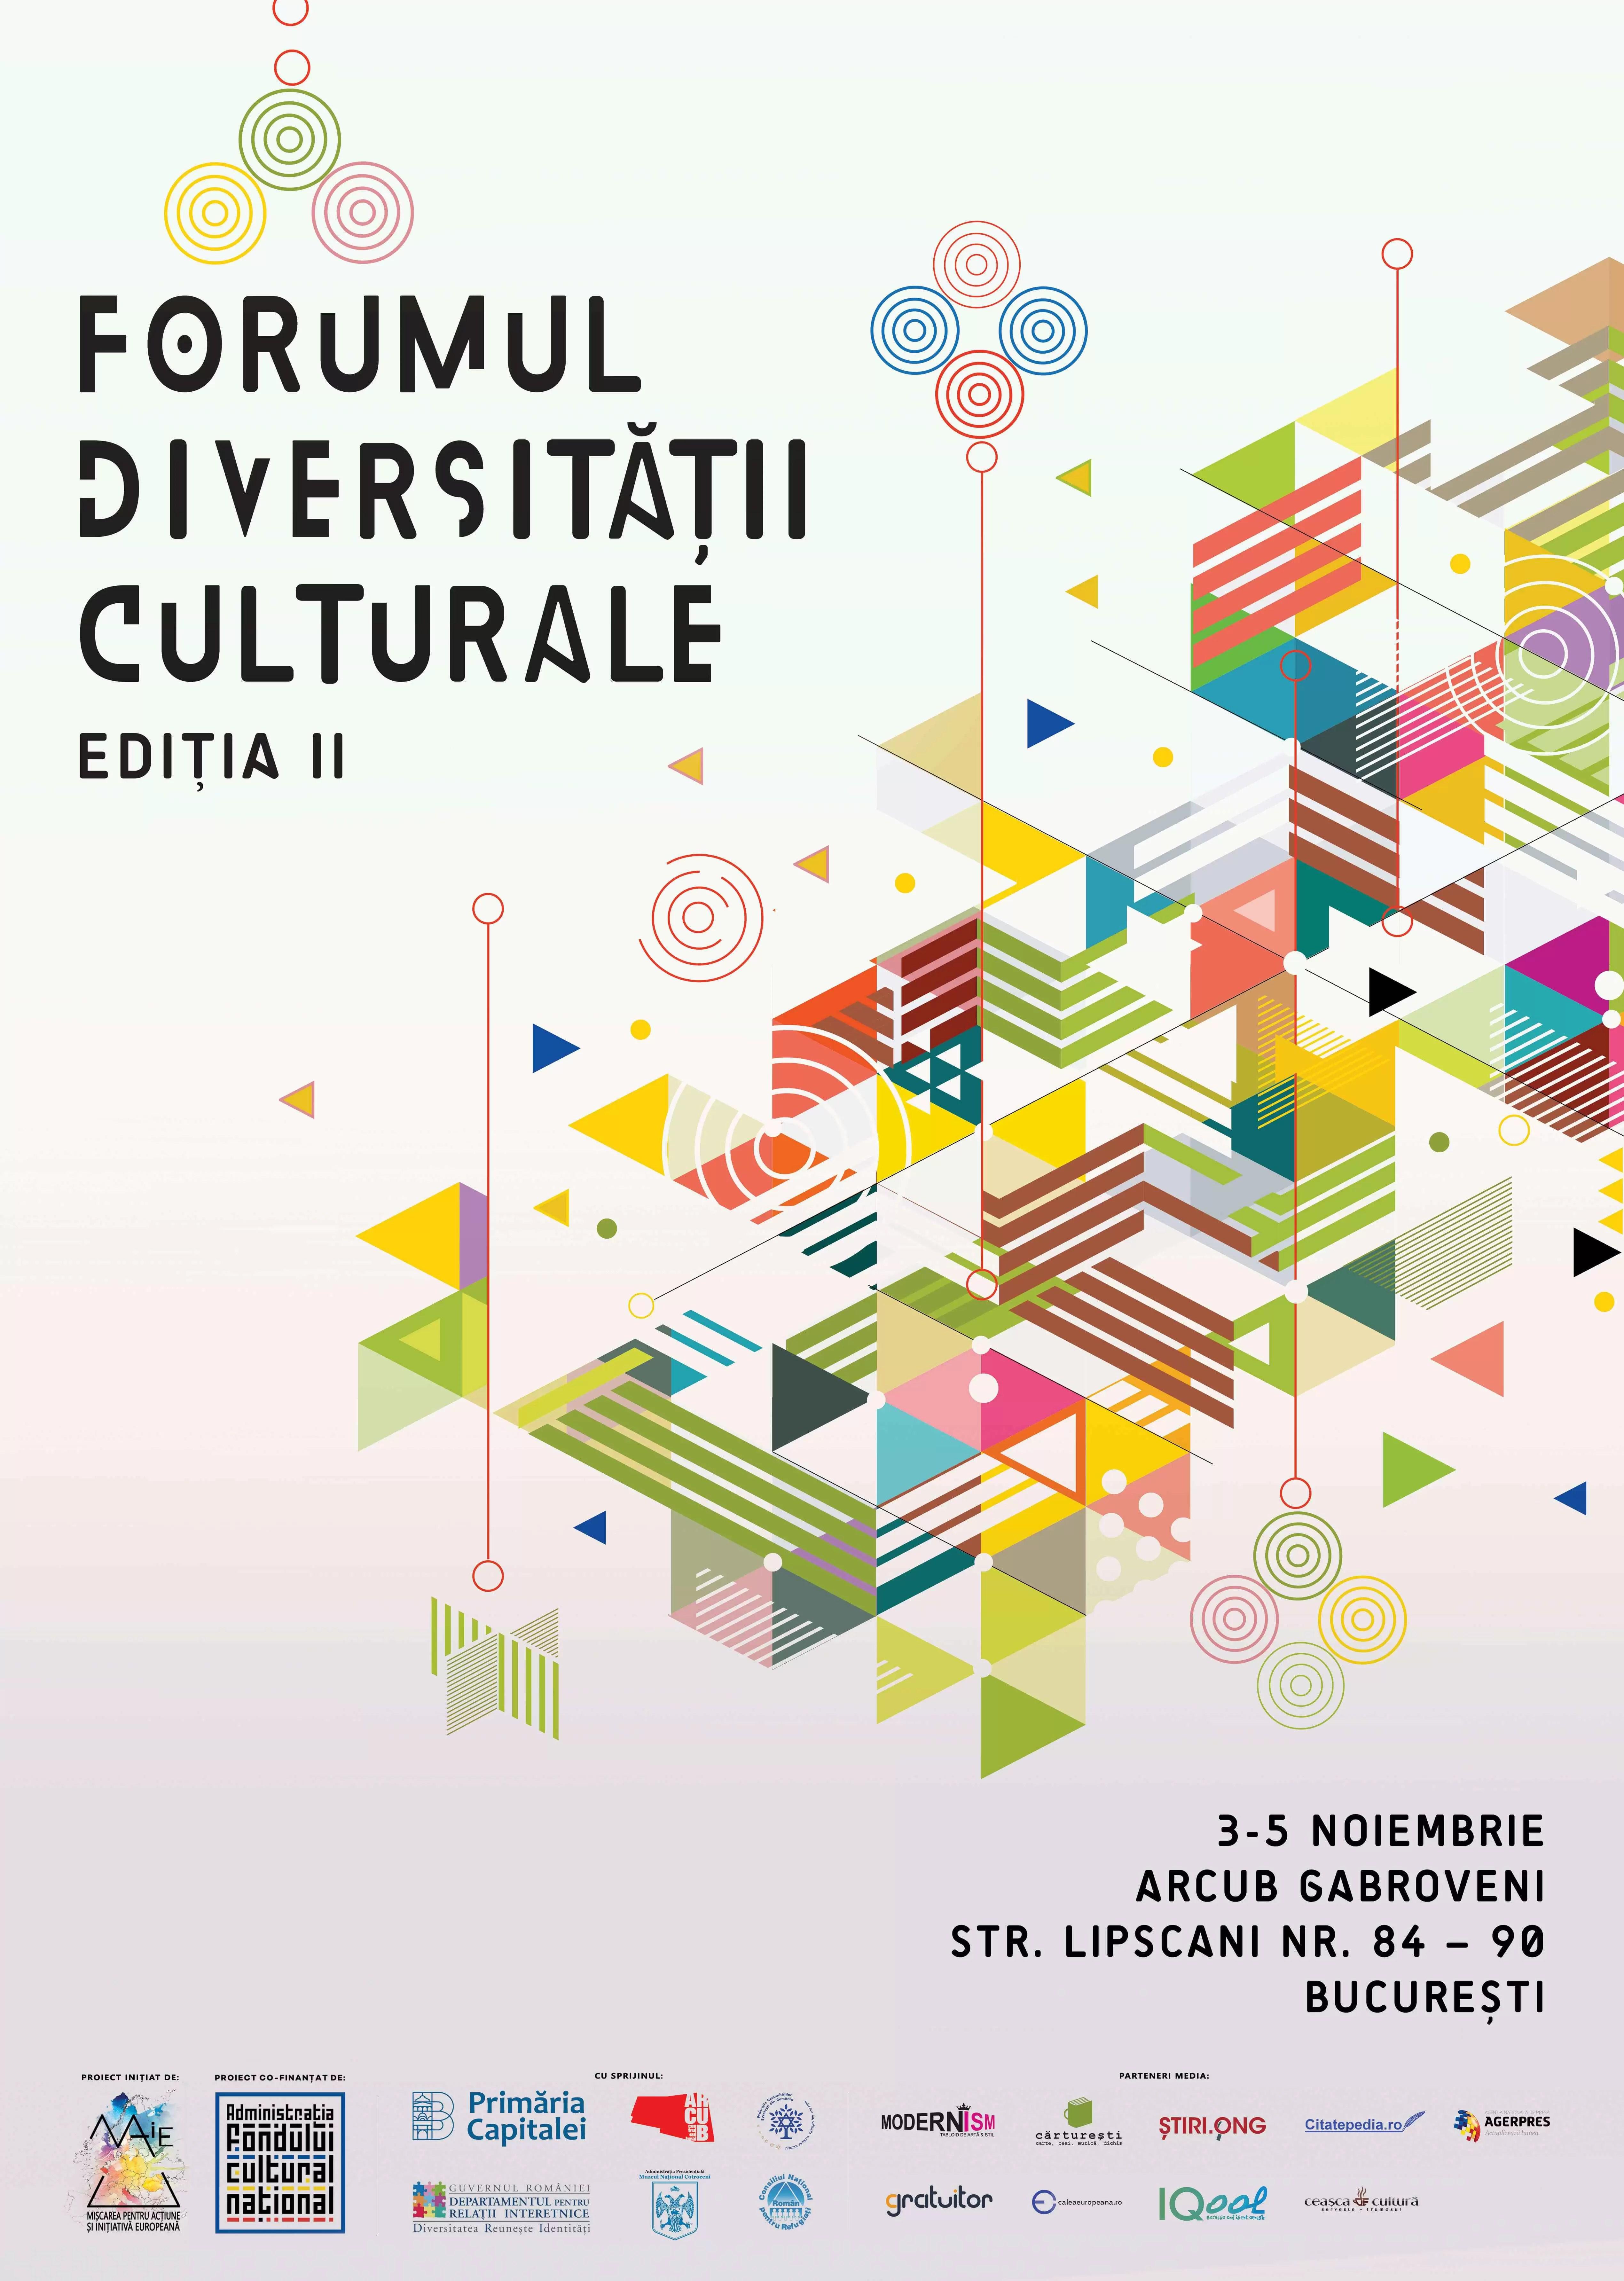 Forumului Diversității Culturale